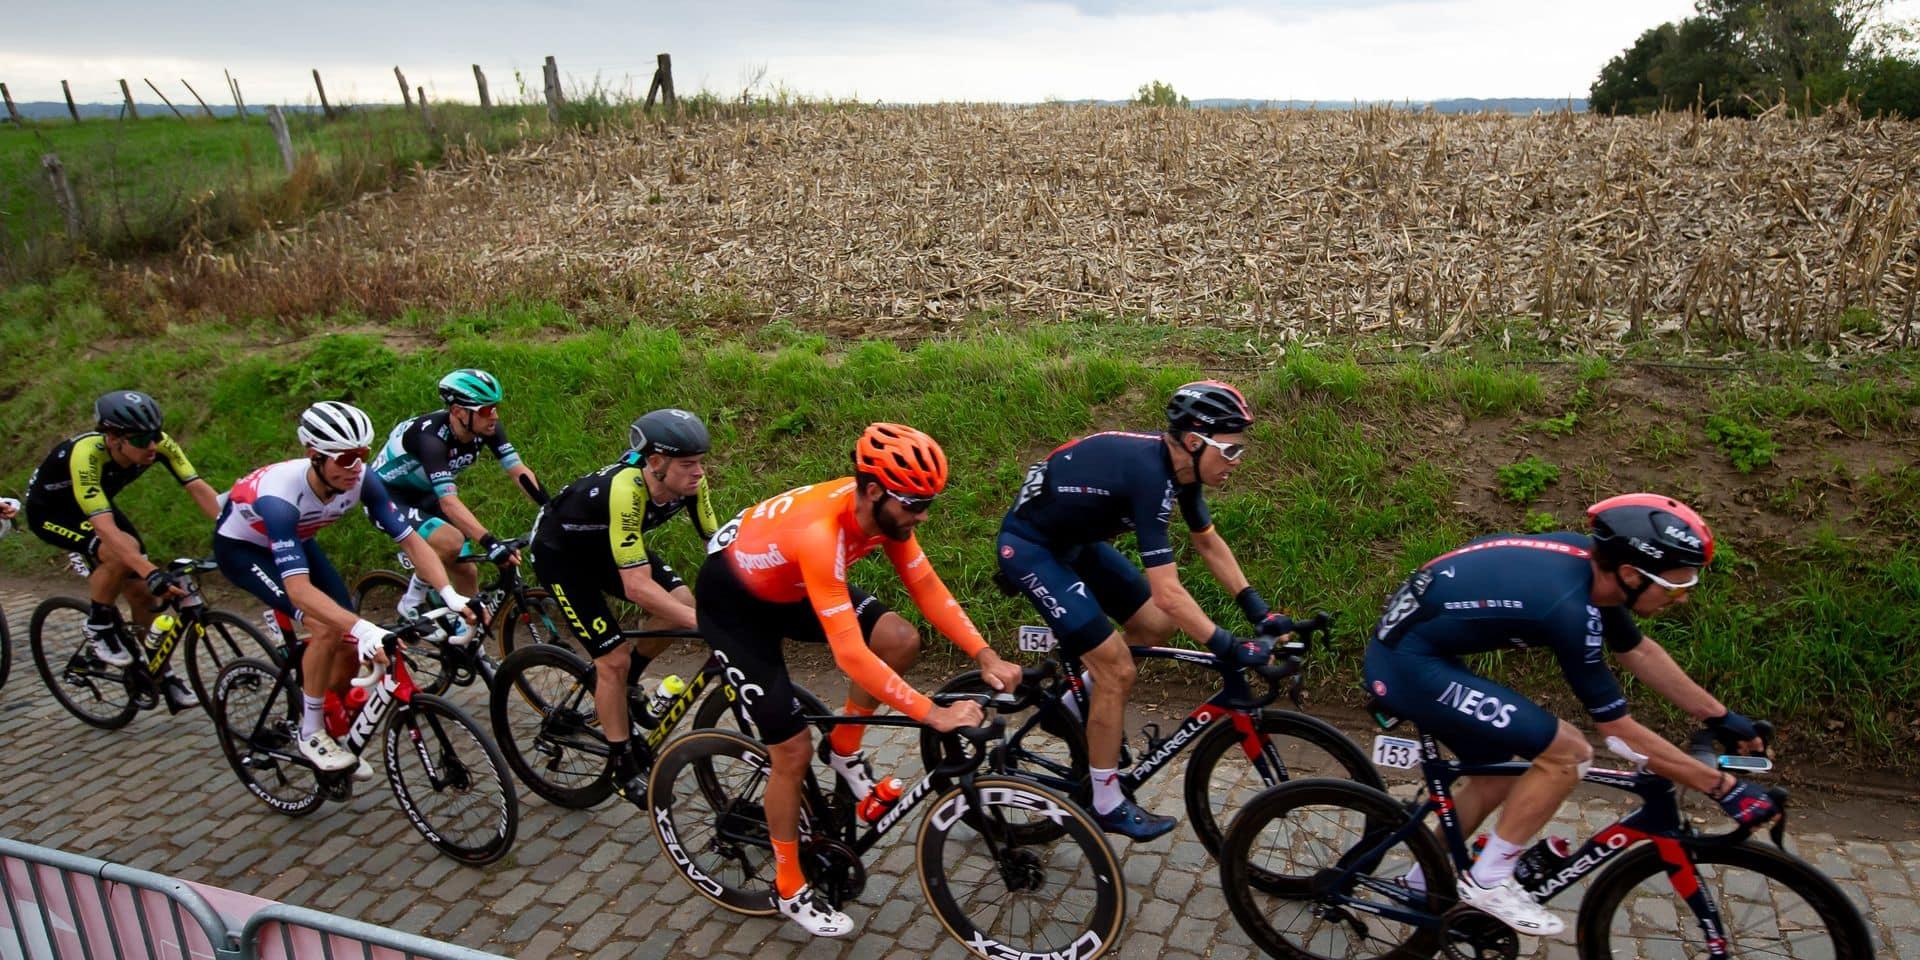 Le calendrier cycliste 2021 perturbé par le Covid-19: vers des classiques à huis clos